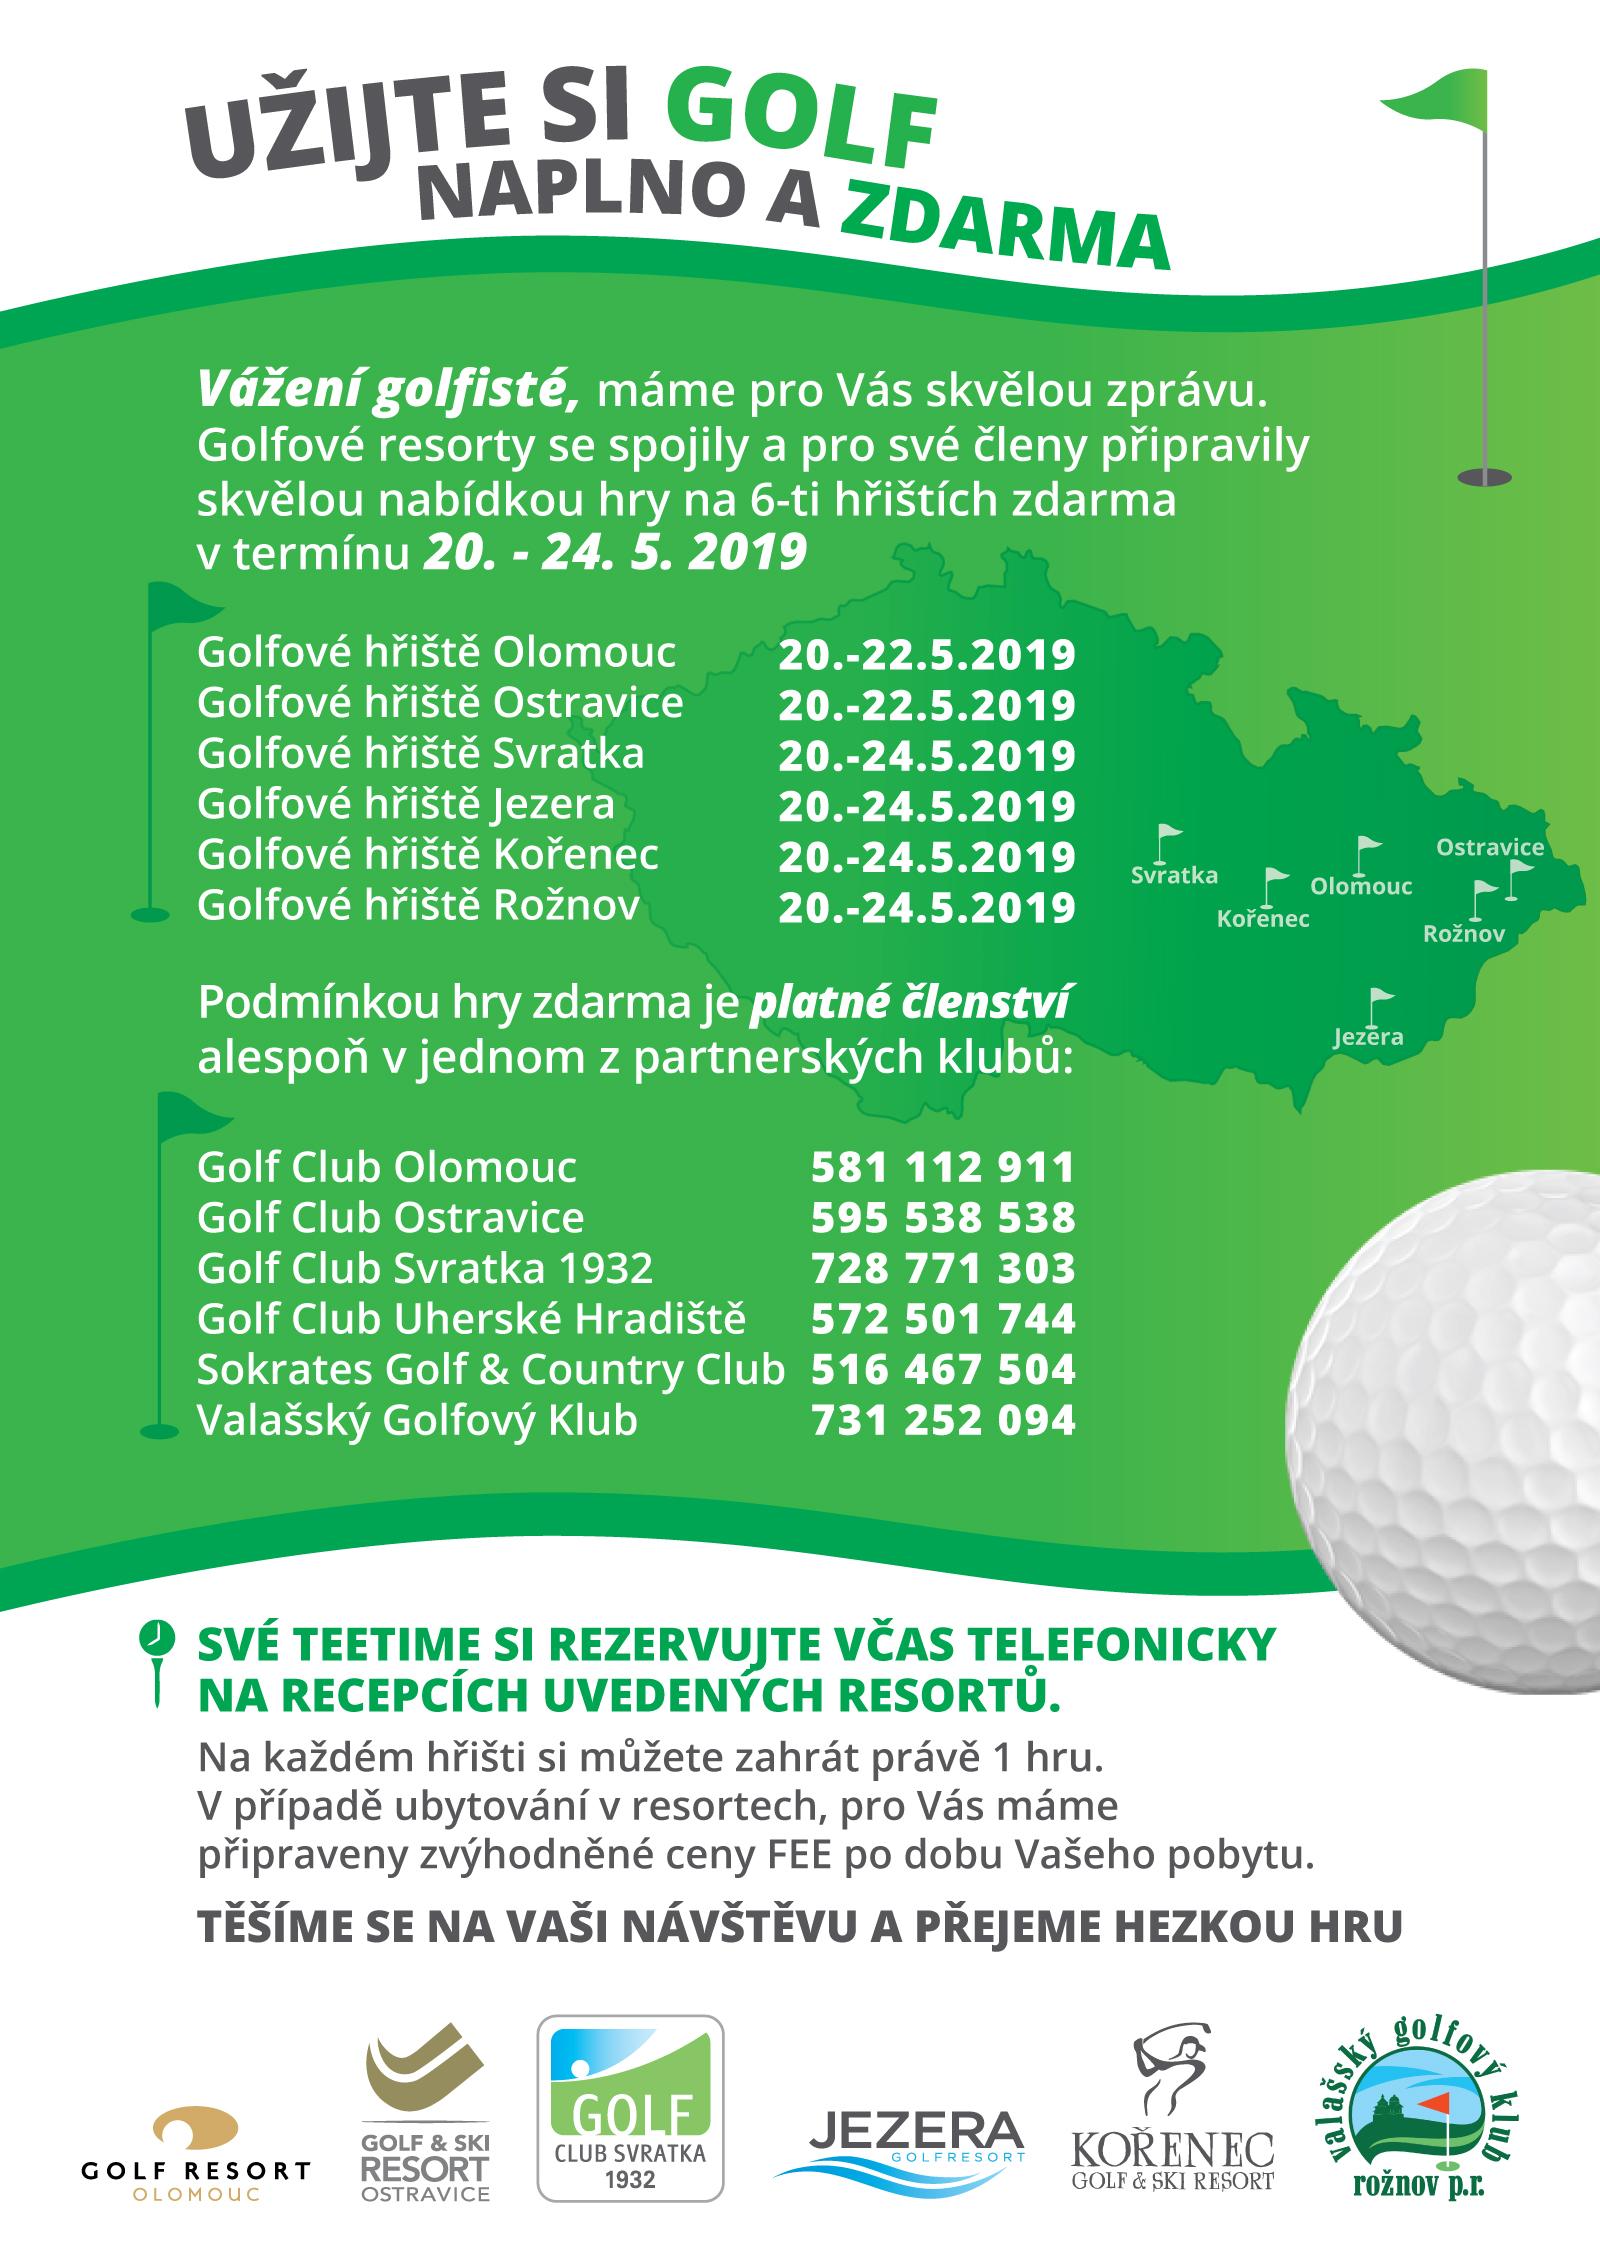 Krosoj - golf naplno a zdarma